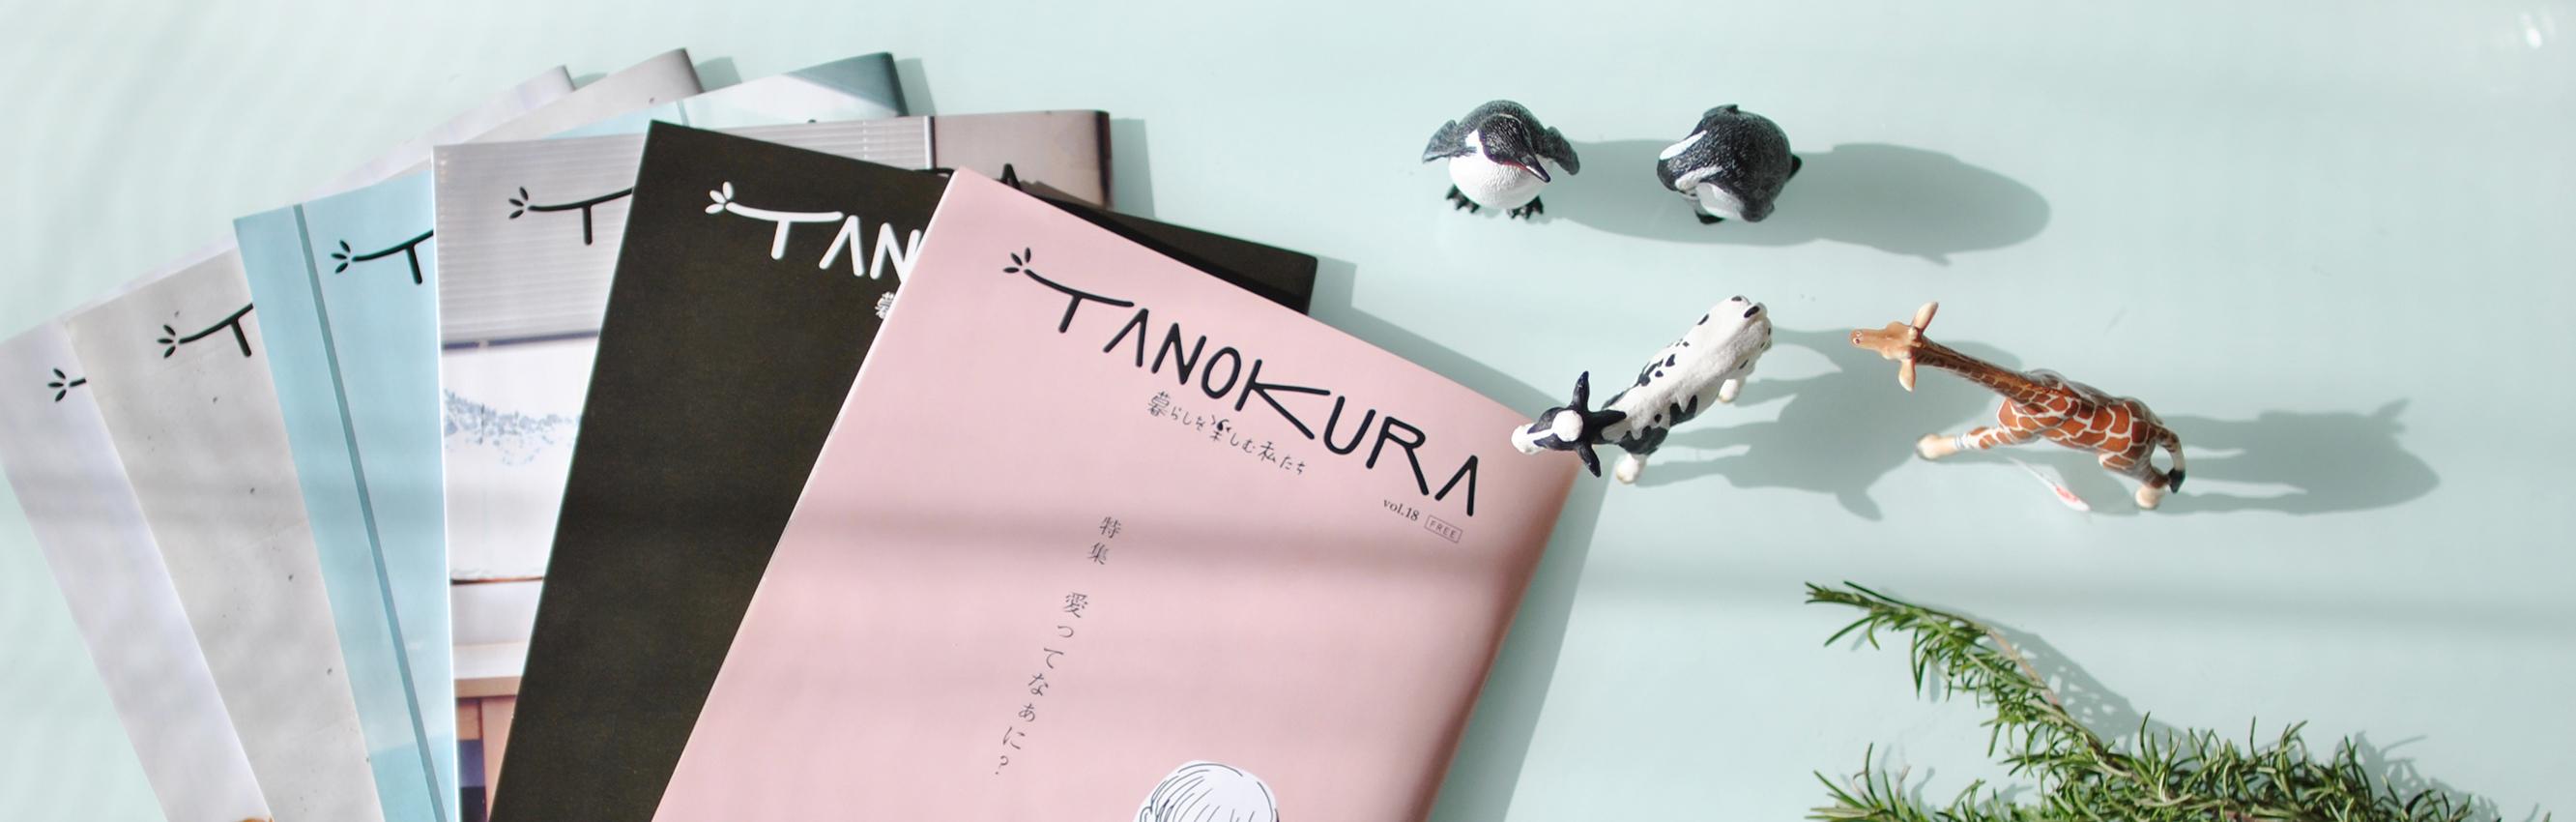 写真募集! TANOKURA19号掲載「うちのかわいこちゃん」